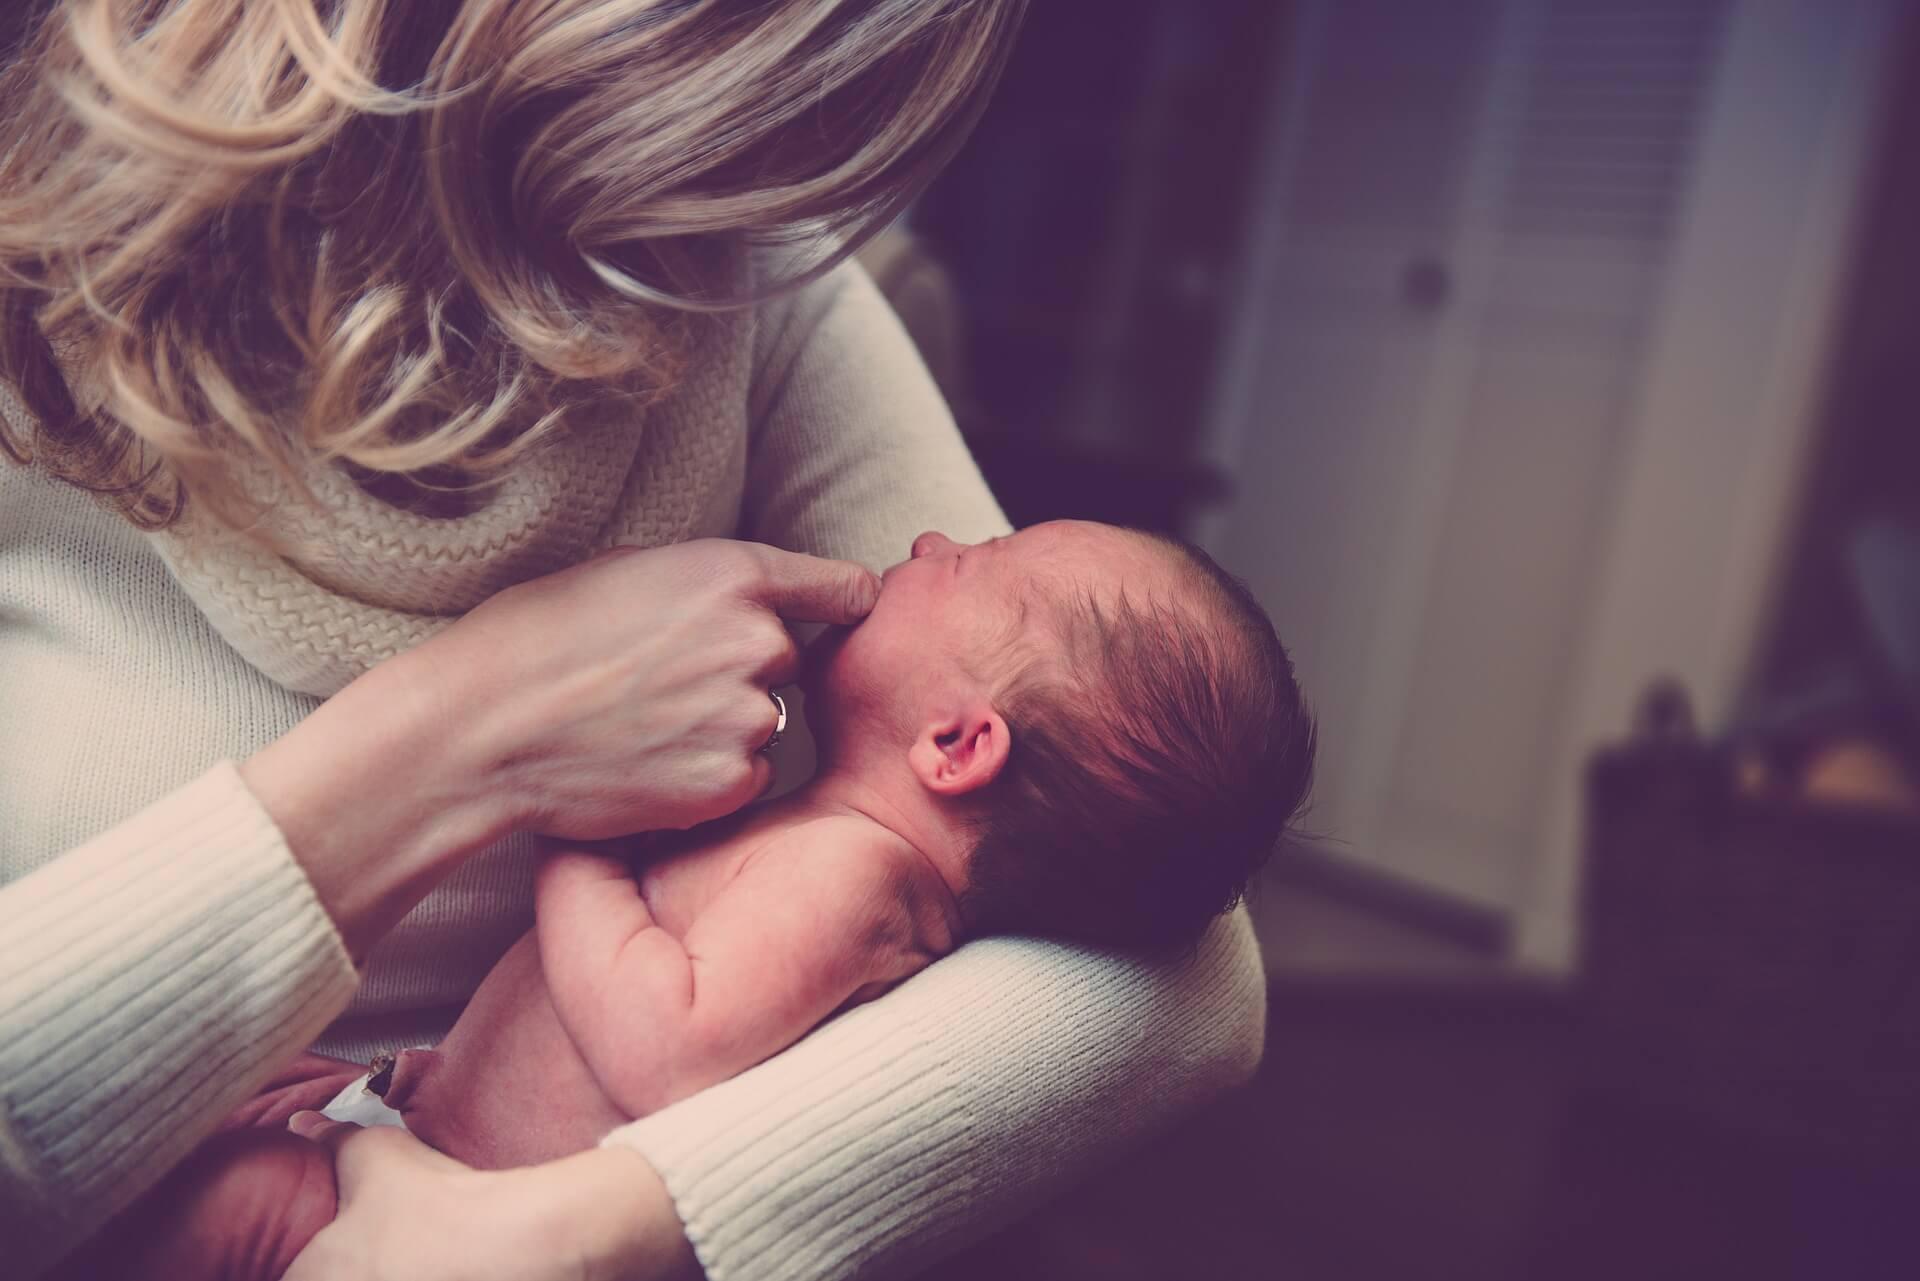 Mutter mit Kleinkind auf dem Arm (c) fancycrave1 / pixabay.de